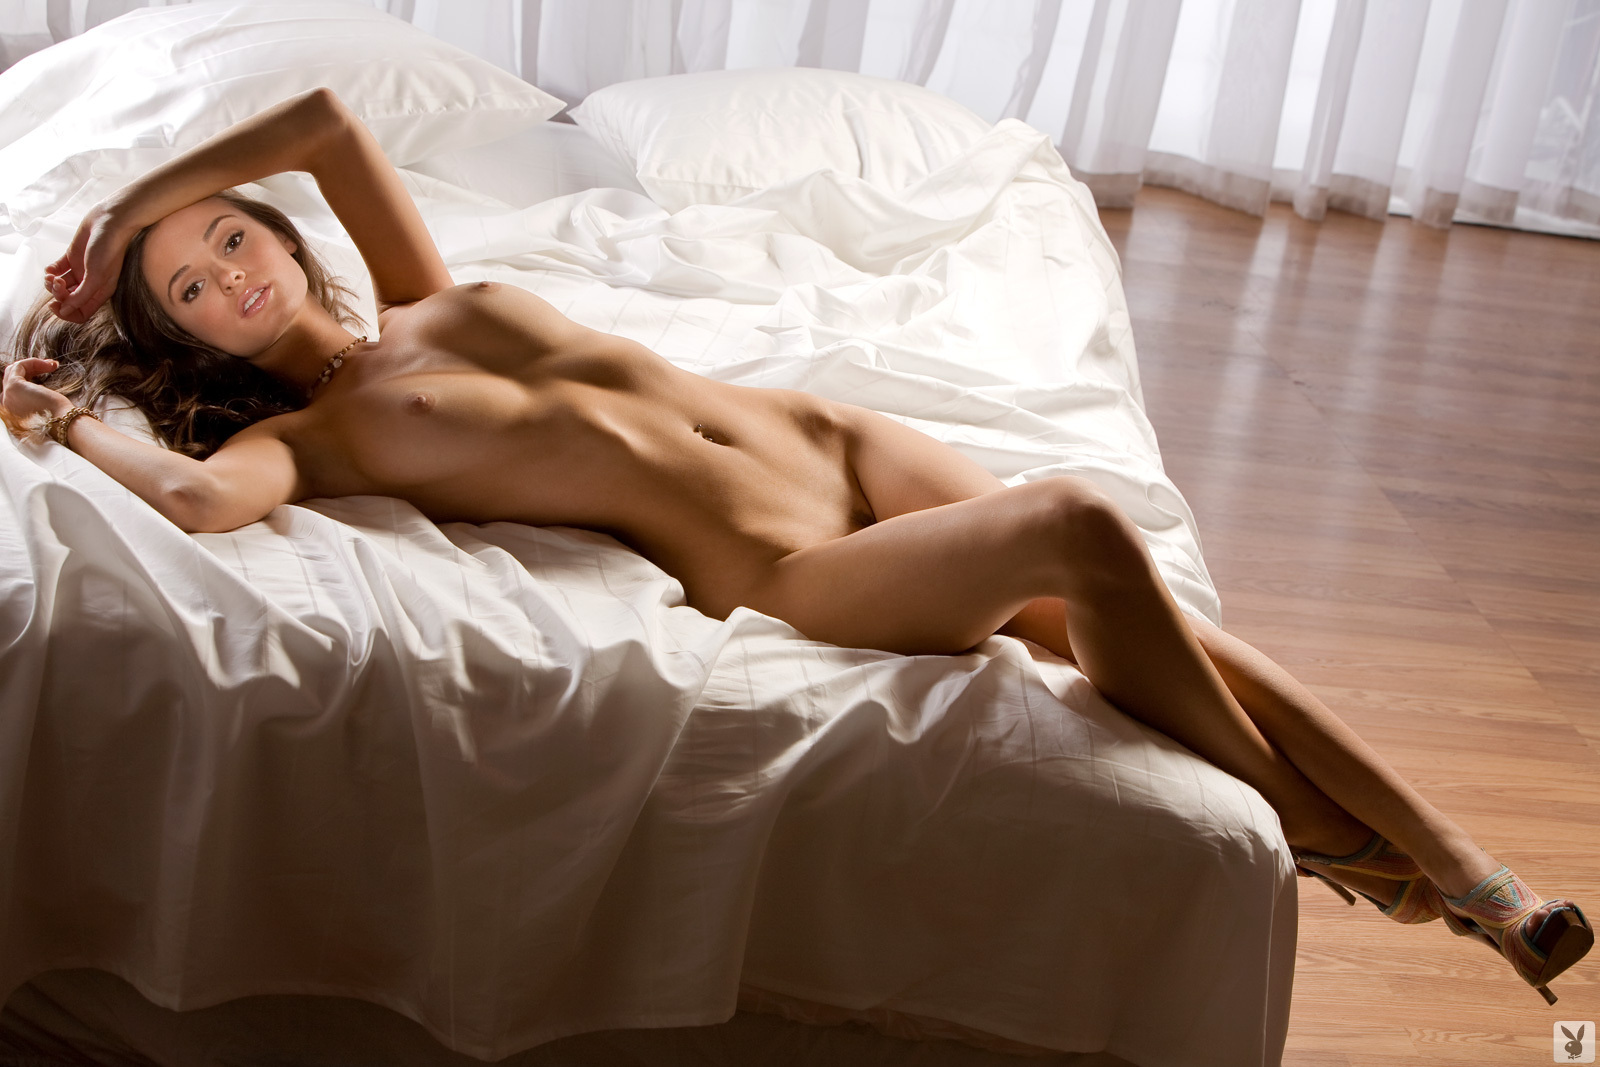 Playboy bunny girls nude